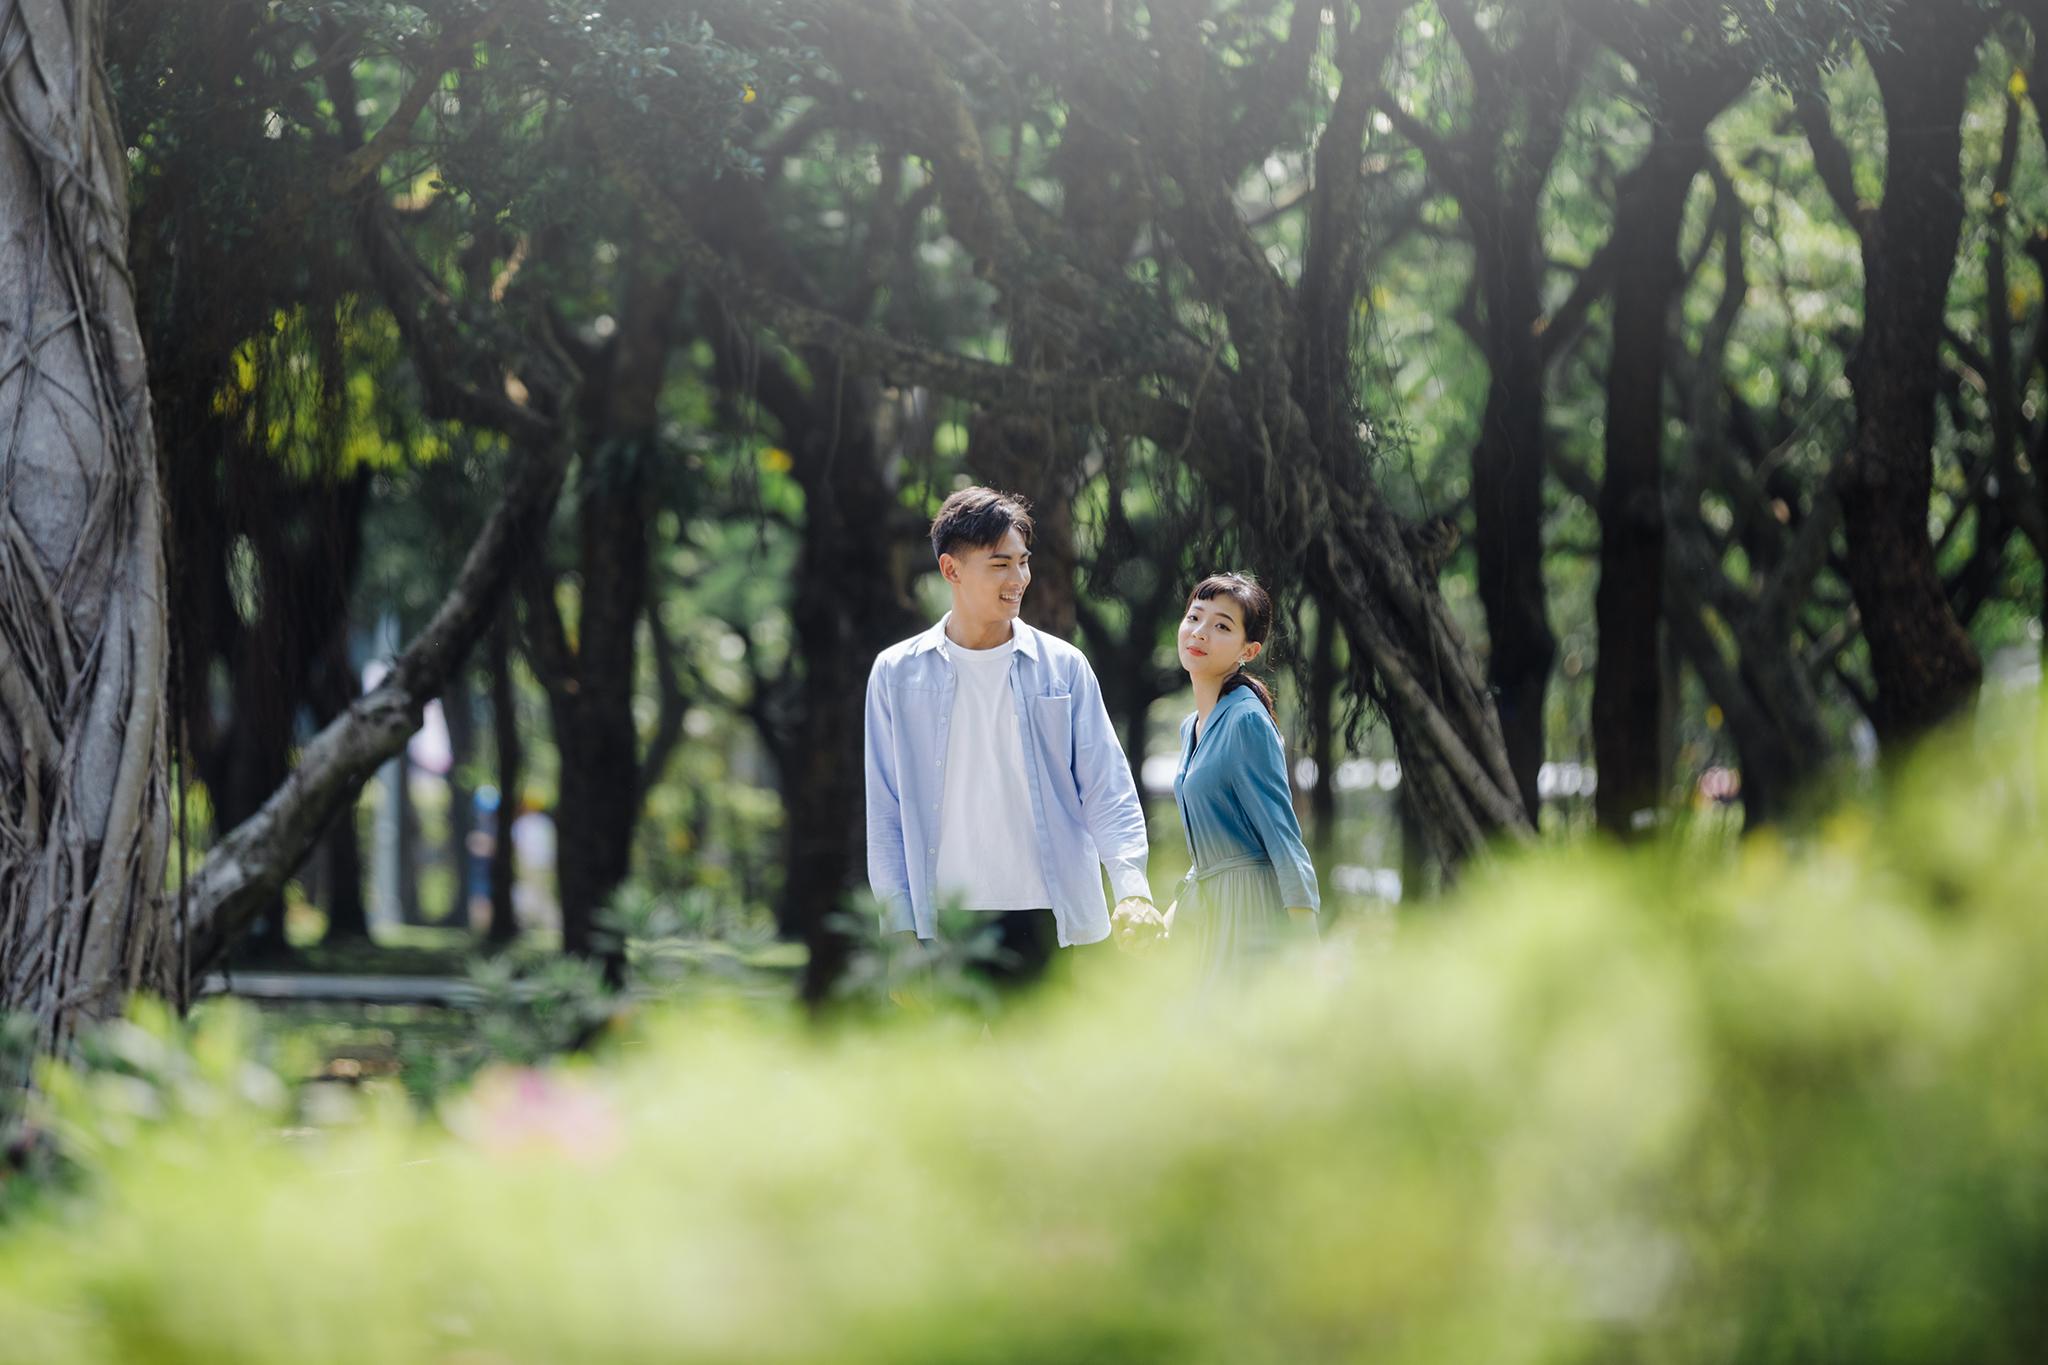 49818352532 923233e9e2 o - 【自助婚紗】+允宥&珮嘉+